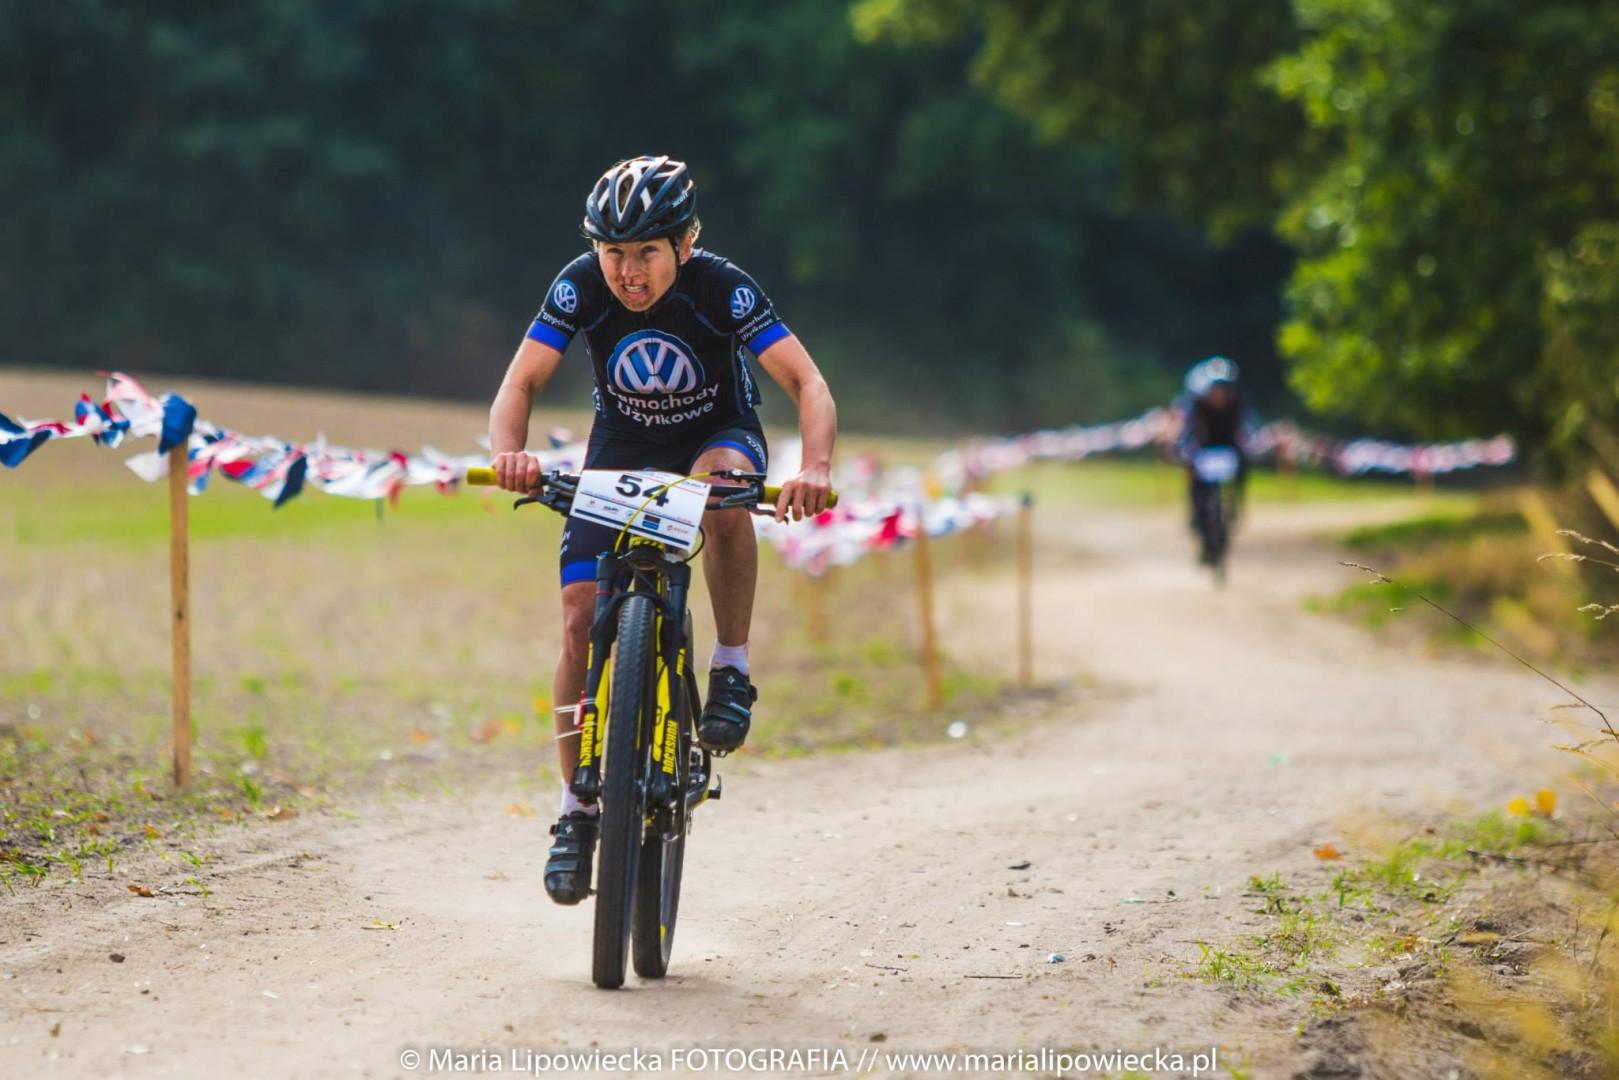 Mistrzyni Polski Michalina Ziółkowska zakończy sezon w zawodach Roc d'Azur [PR]